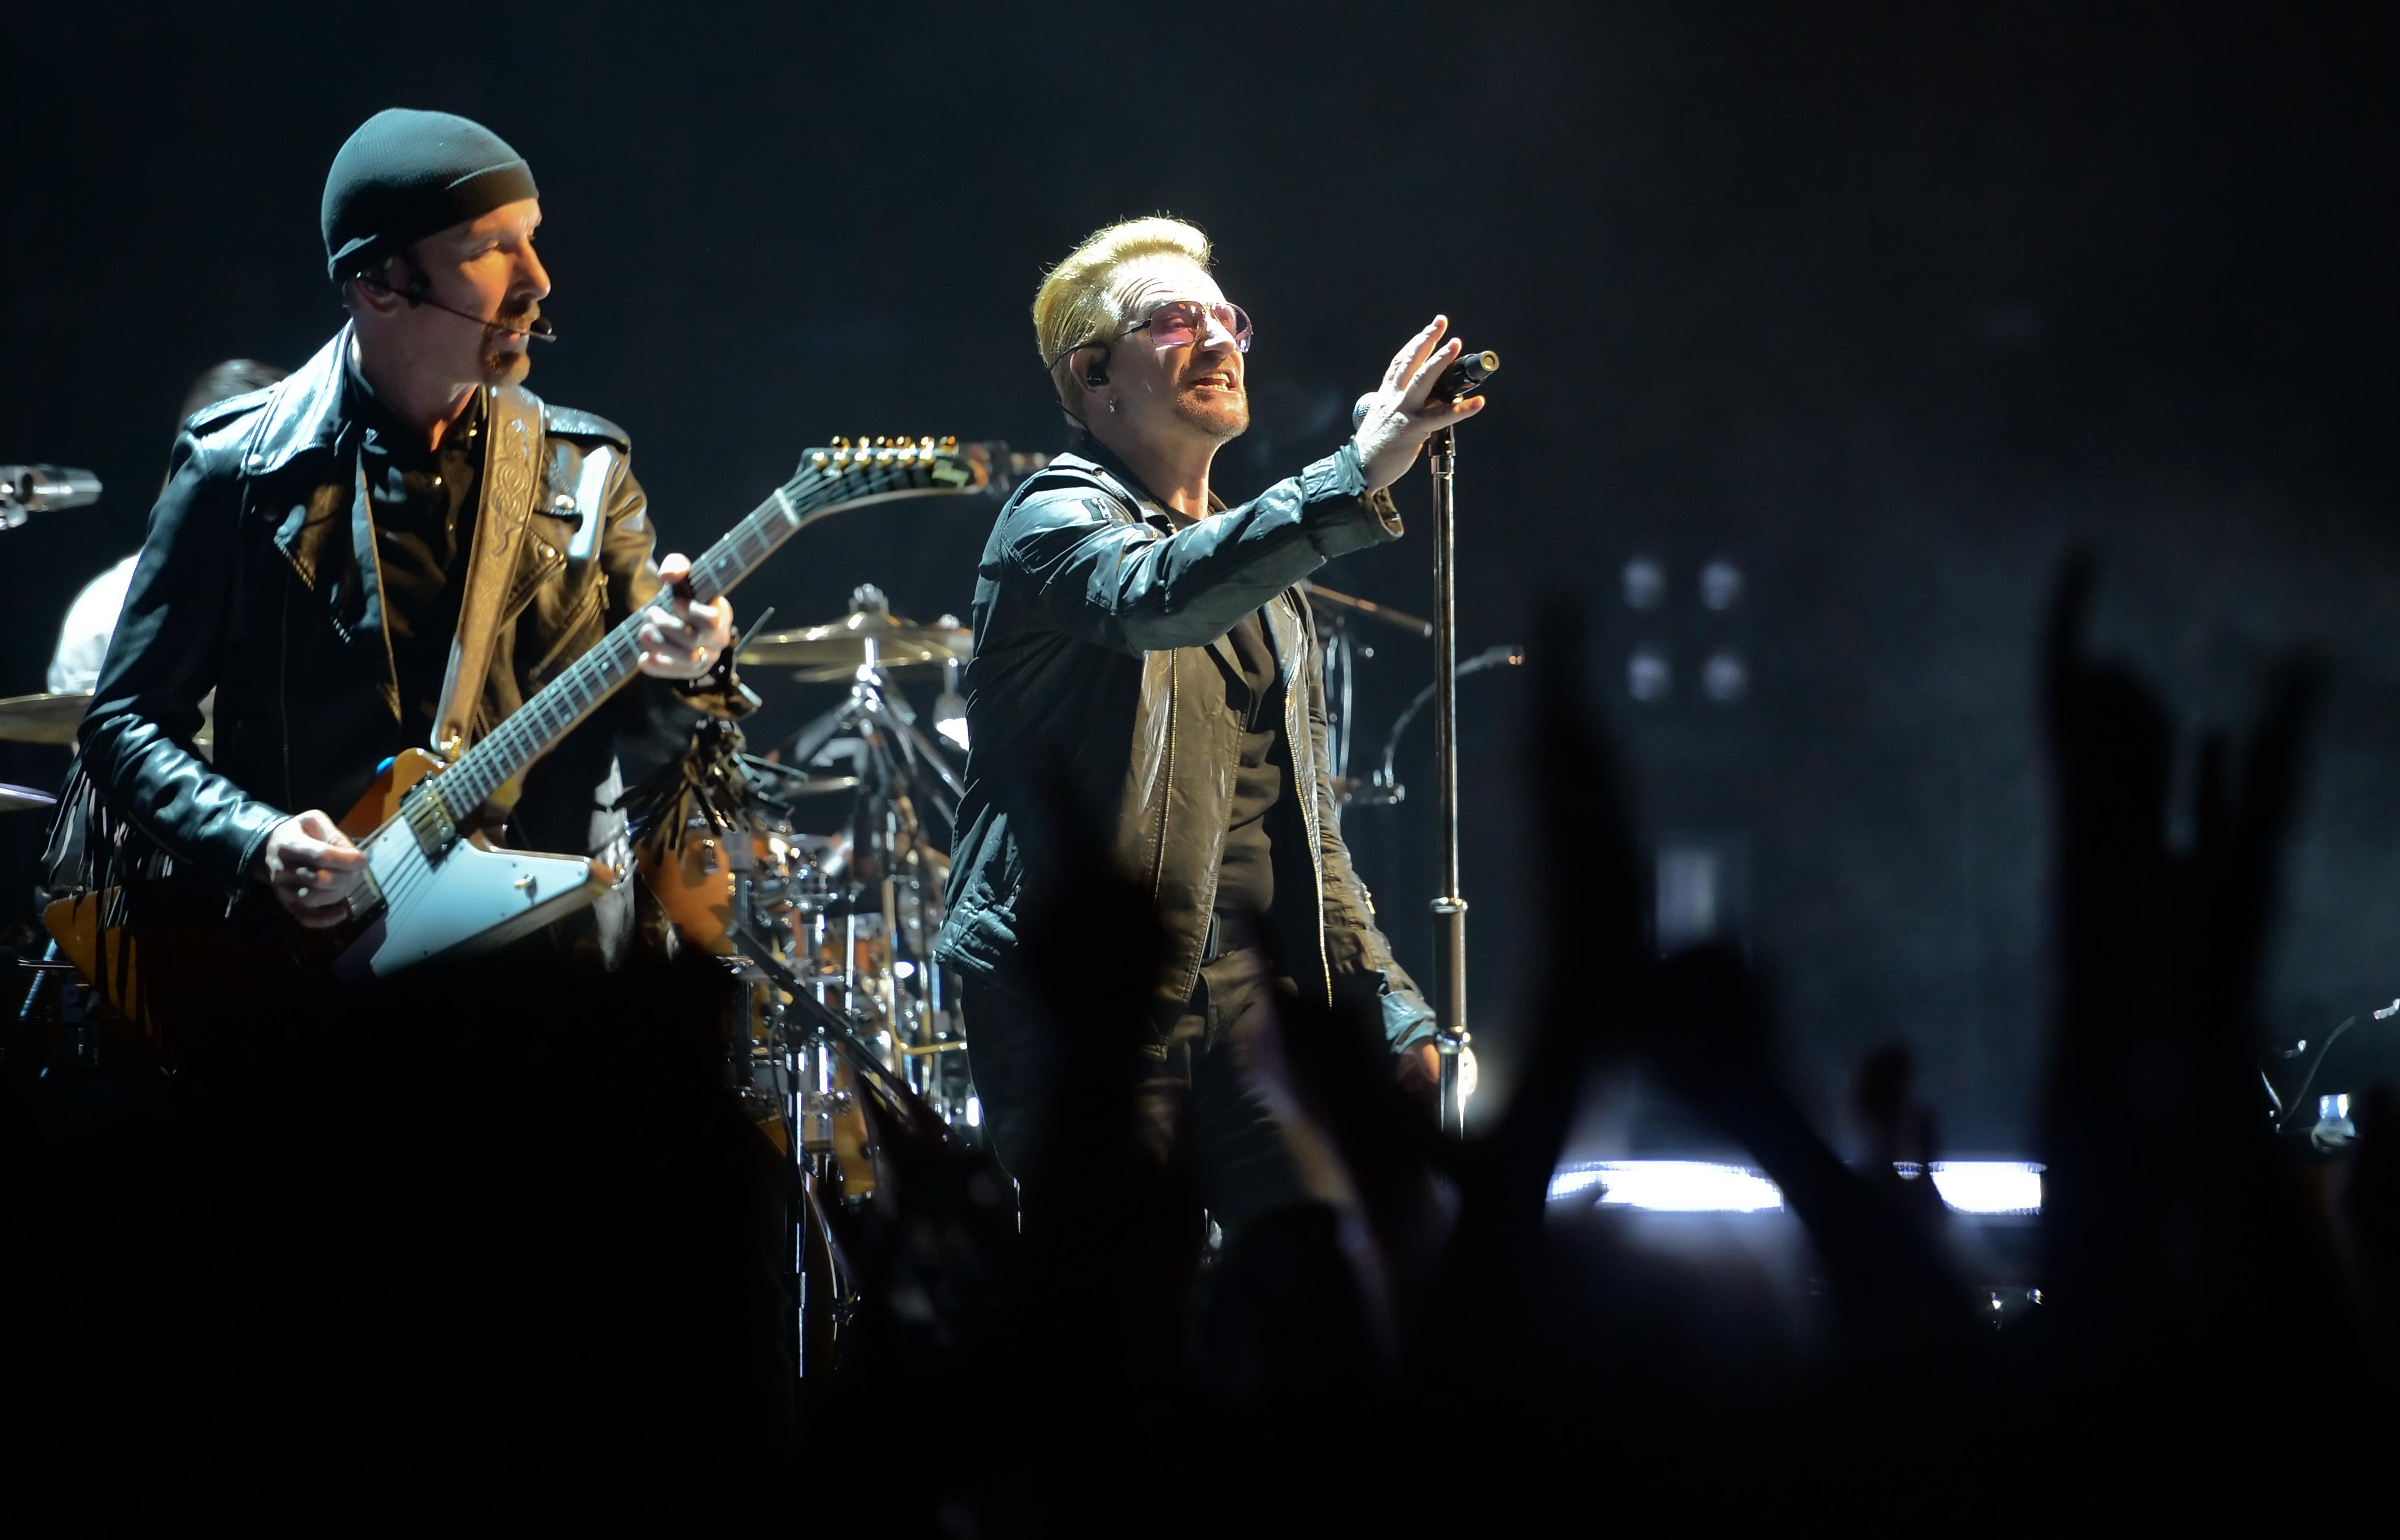 Bassist Adam Clayton (l) und der Sänger Bono (Paul David Hewson) der irischen Rockband U2 stehen am 24.09.2015 in der Merced